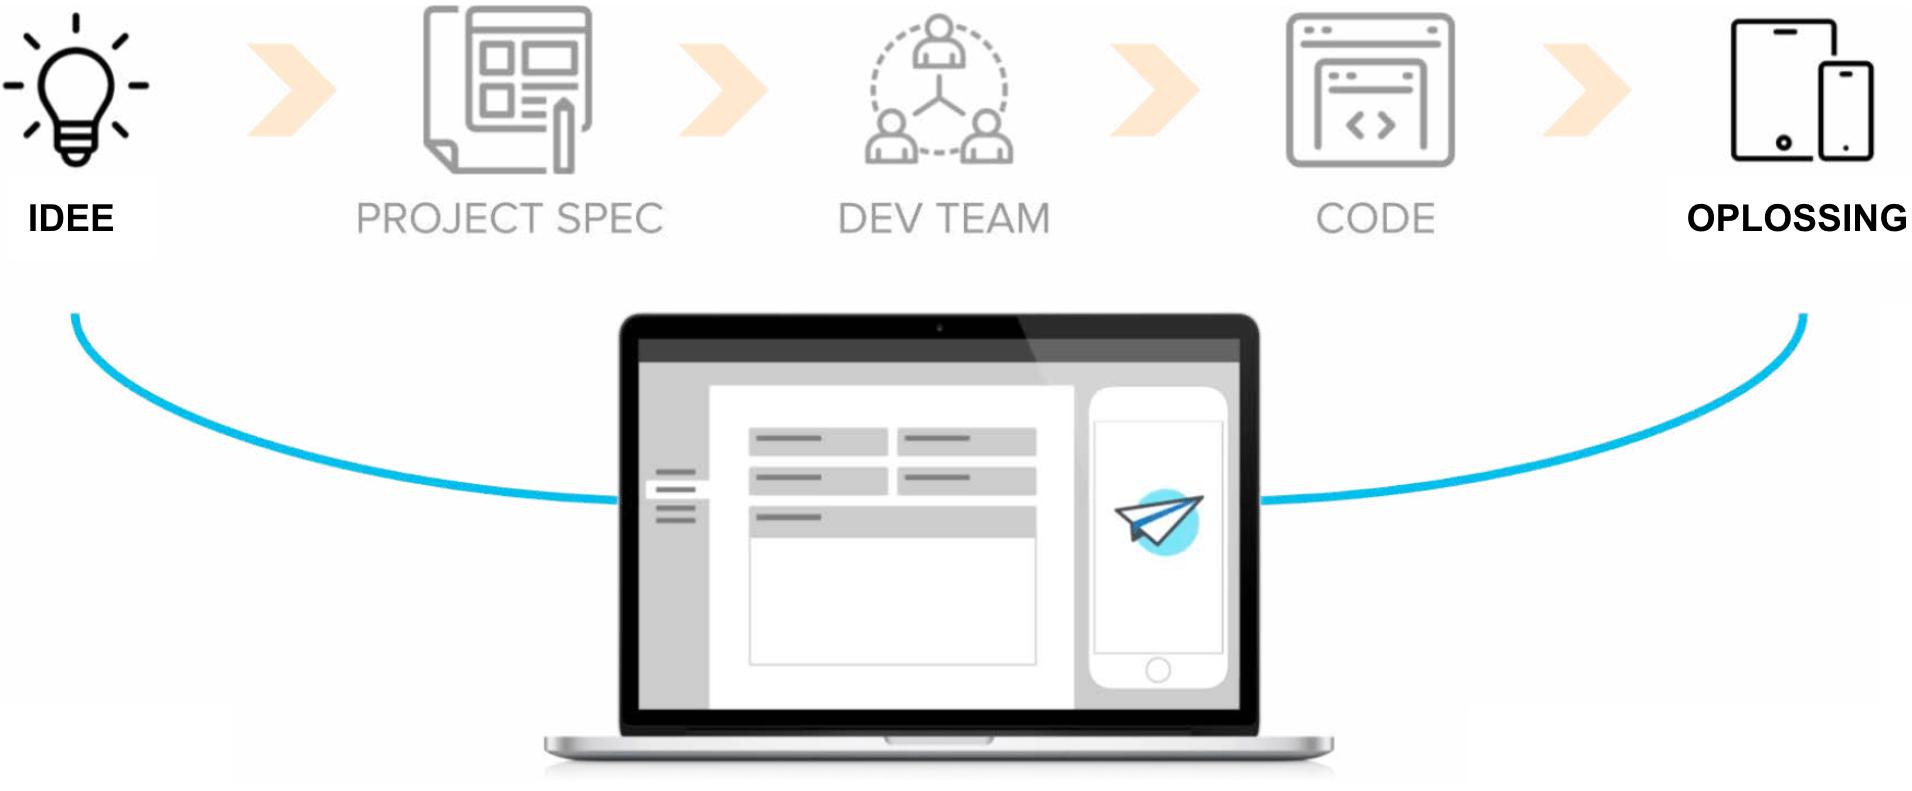 No-code development in Appsheet uitgelegd